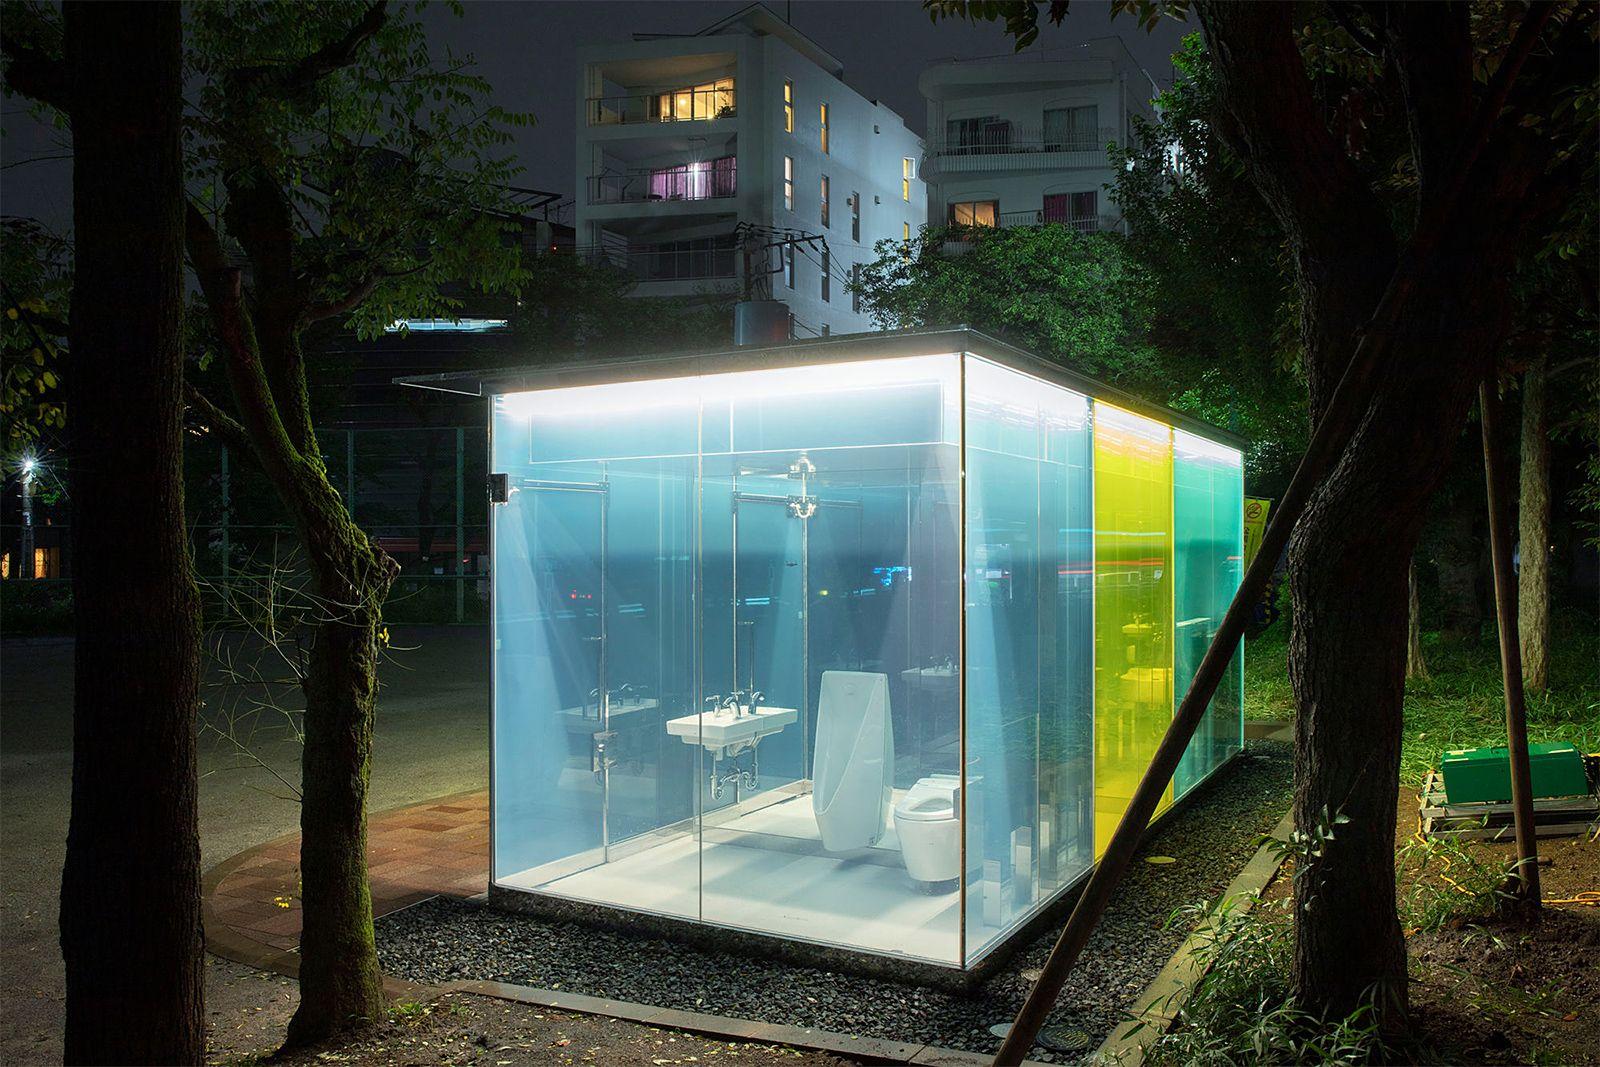 Kimse Yokken İçi Gözüken, Kilitlendiğinde Opak Hale Gelen Akıllı Tuvalet [Video]